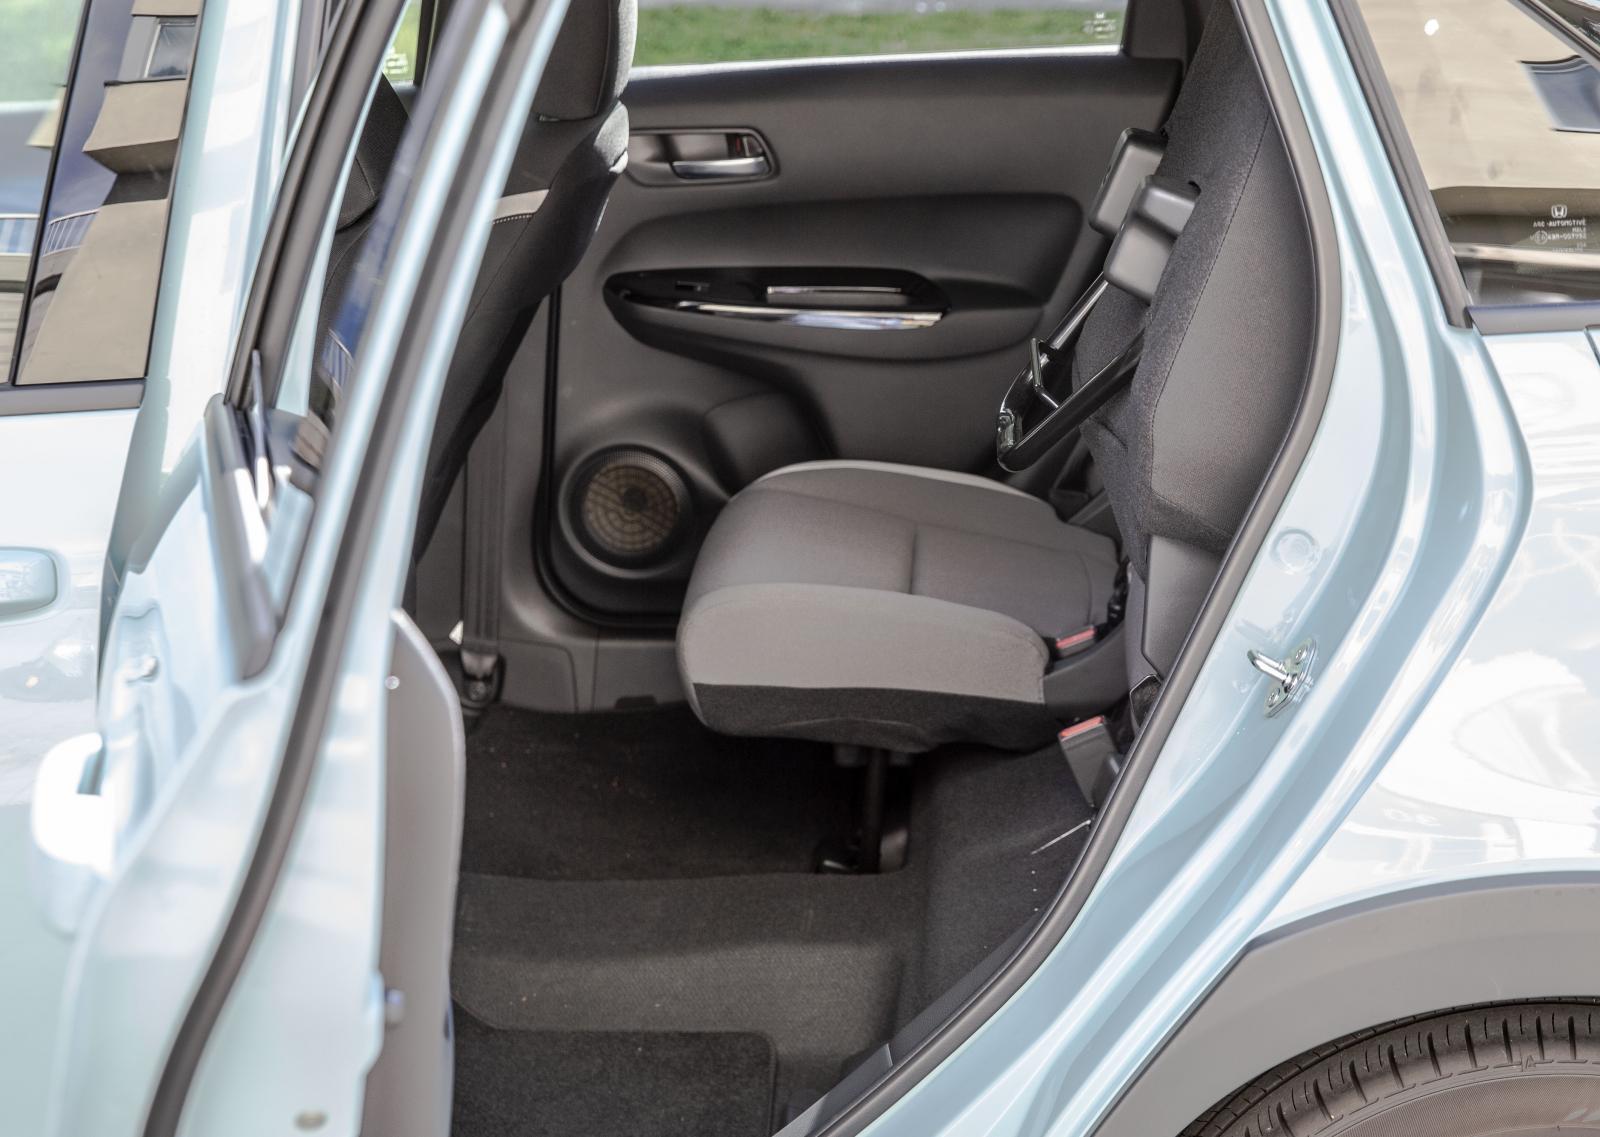 Baksätets stolar kan fällas upp individuellt för skrymmande last.